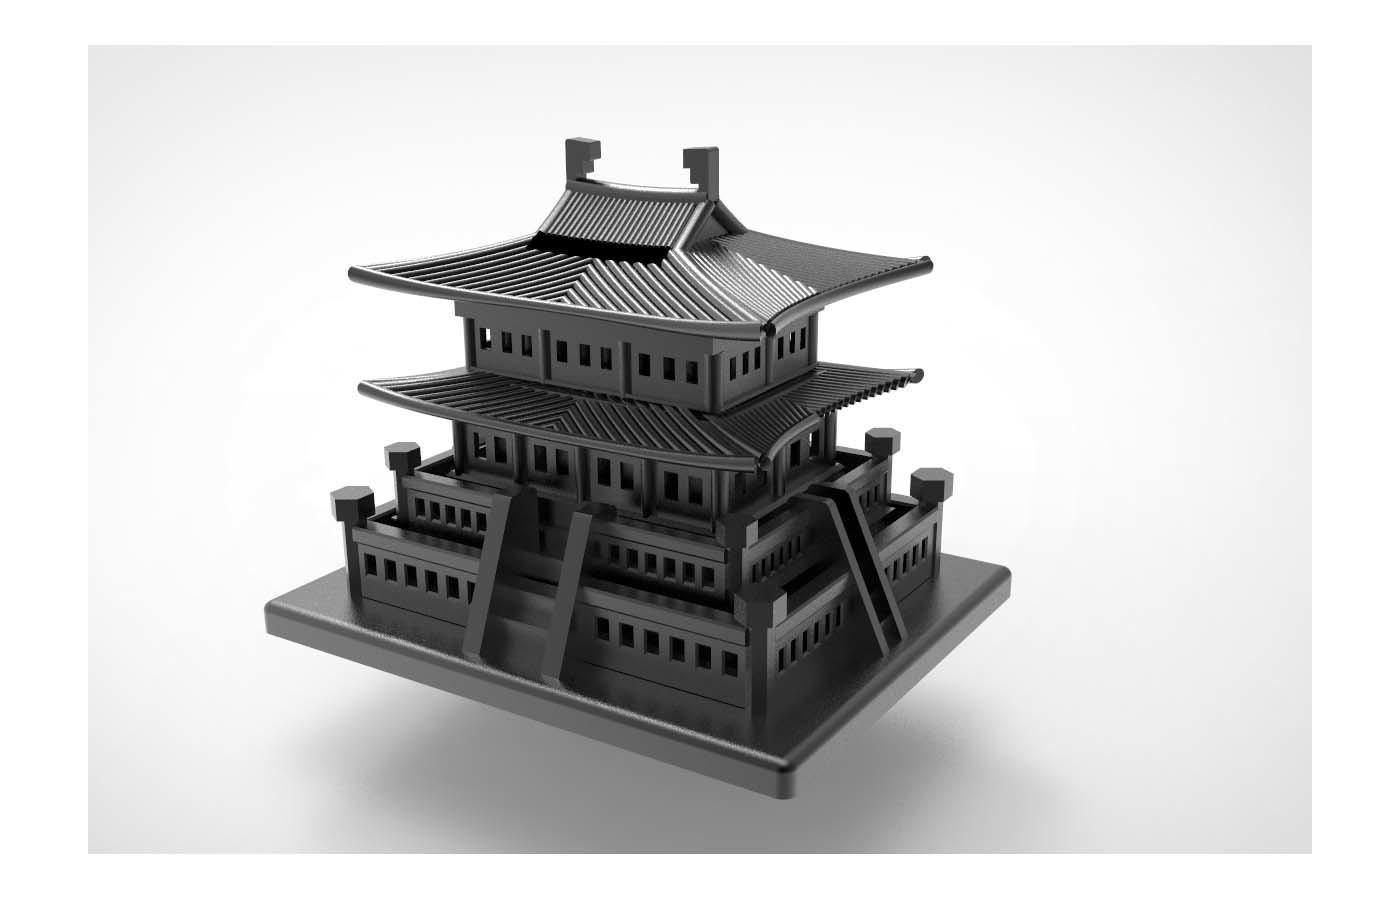 Korean Traditional Architecture Coin Bank ran6.jpg Télécharger fichier STL gratuit Banque Coréenne d'Architecture Traditionnelle de Pièces de monnaie • Design imprimable en 3D, hyojung0320